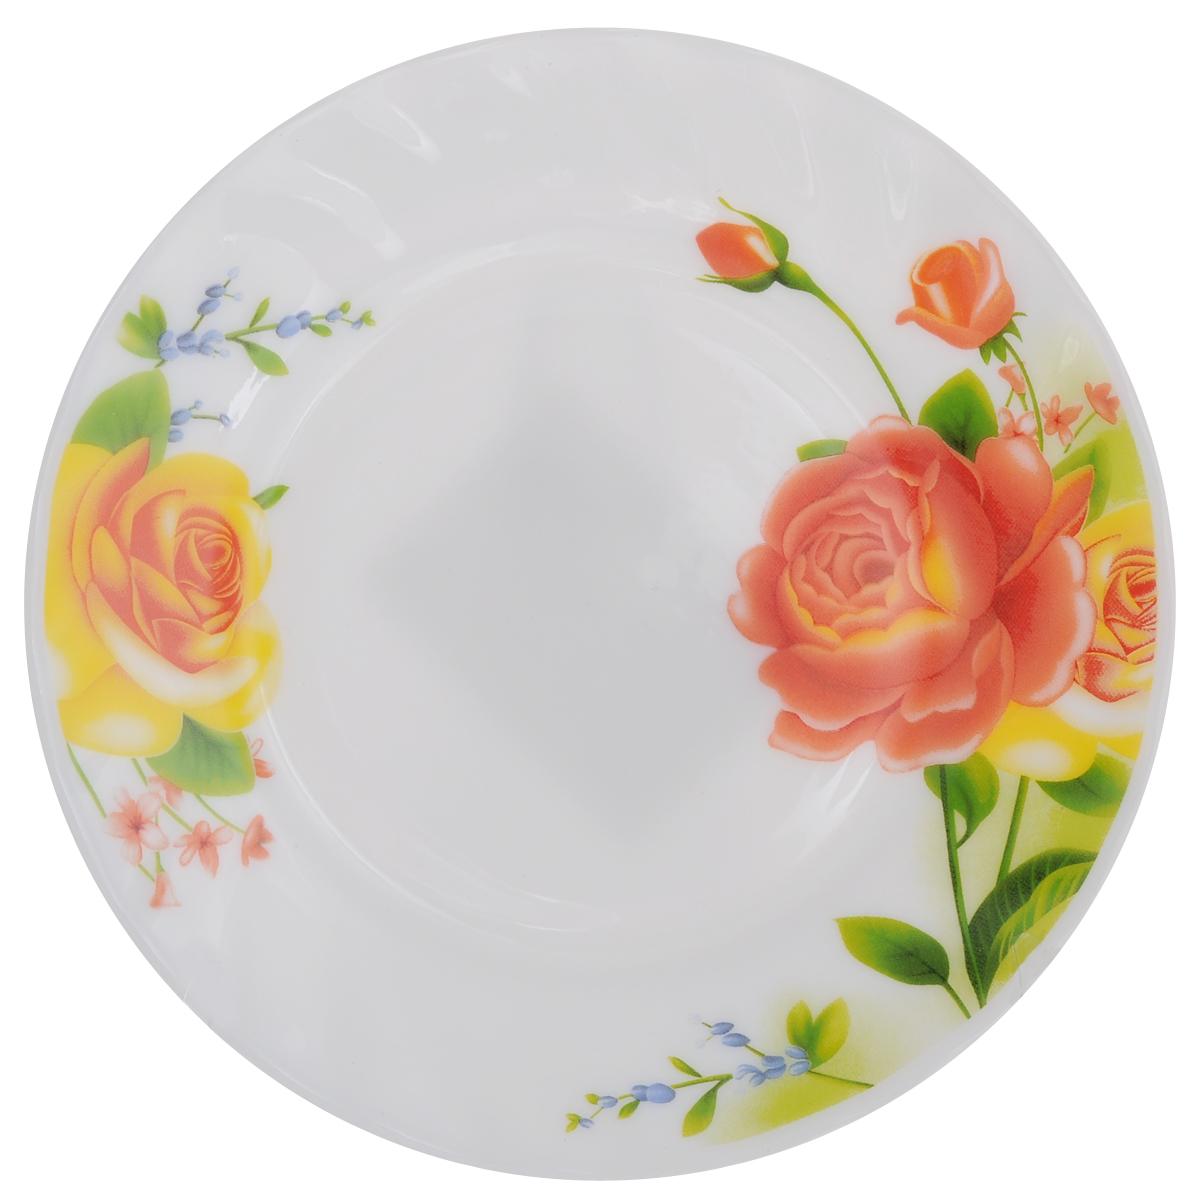 Тарелка десертная Chinbull Алессио, диаметр 17,5 см54 009312Десертная тарелка Chinbull Алессио изготовлена из экологически чистой стеклокерамики. Изделие оформлено красочным рисунком цветов и имеет изысканный внешний вид. Такая тарелка прекрасно подходит как для торжественных случаев, так и для повседневного использования. Идеальна для подачи десертов, пирожных, тортов и многого другого. Она прекрасно оформит стол и станет отличным дополнением к вашей коллекции кухонной посуды.Можно использовать в посудомоечной машине и СВЧ.Диаметр (по верхнему краю): 17,5 см.Высота стенки: 1,7 см.